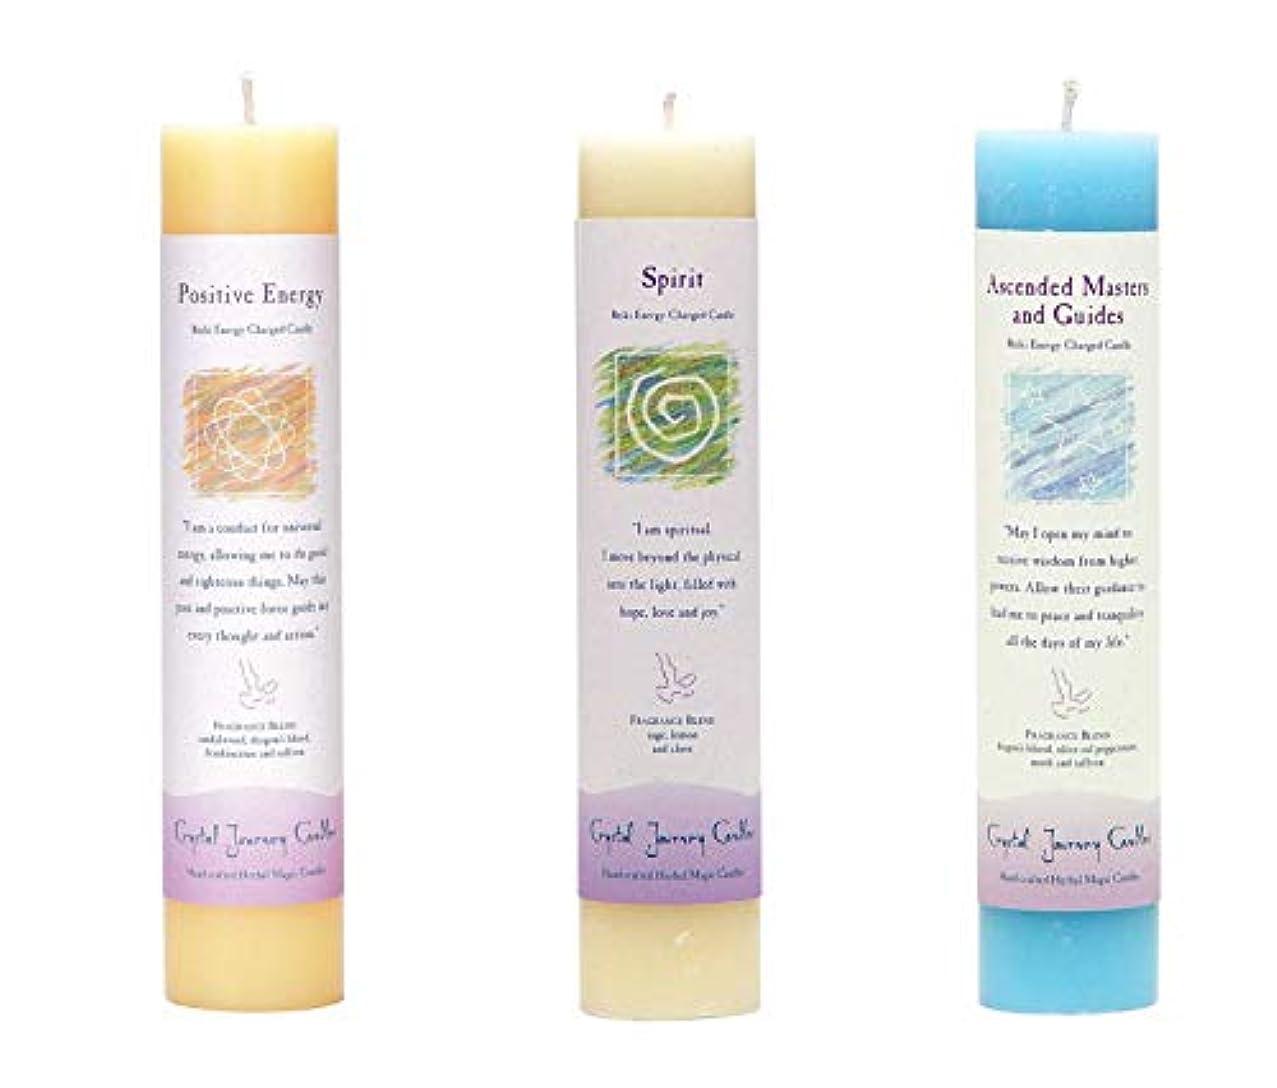 スイス人レンチ軍(Ascended Masters and Guides, Spirit, Positive Energy) - Crystal Journey Reiki Charged Herbal Magic Pillar Candle...